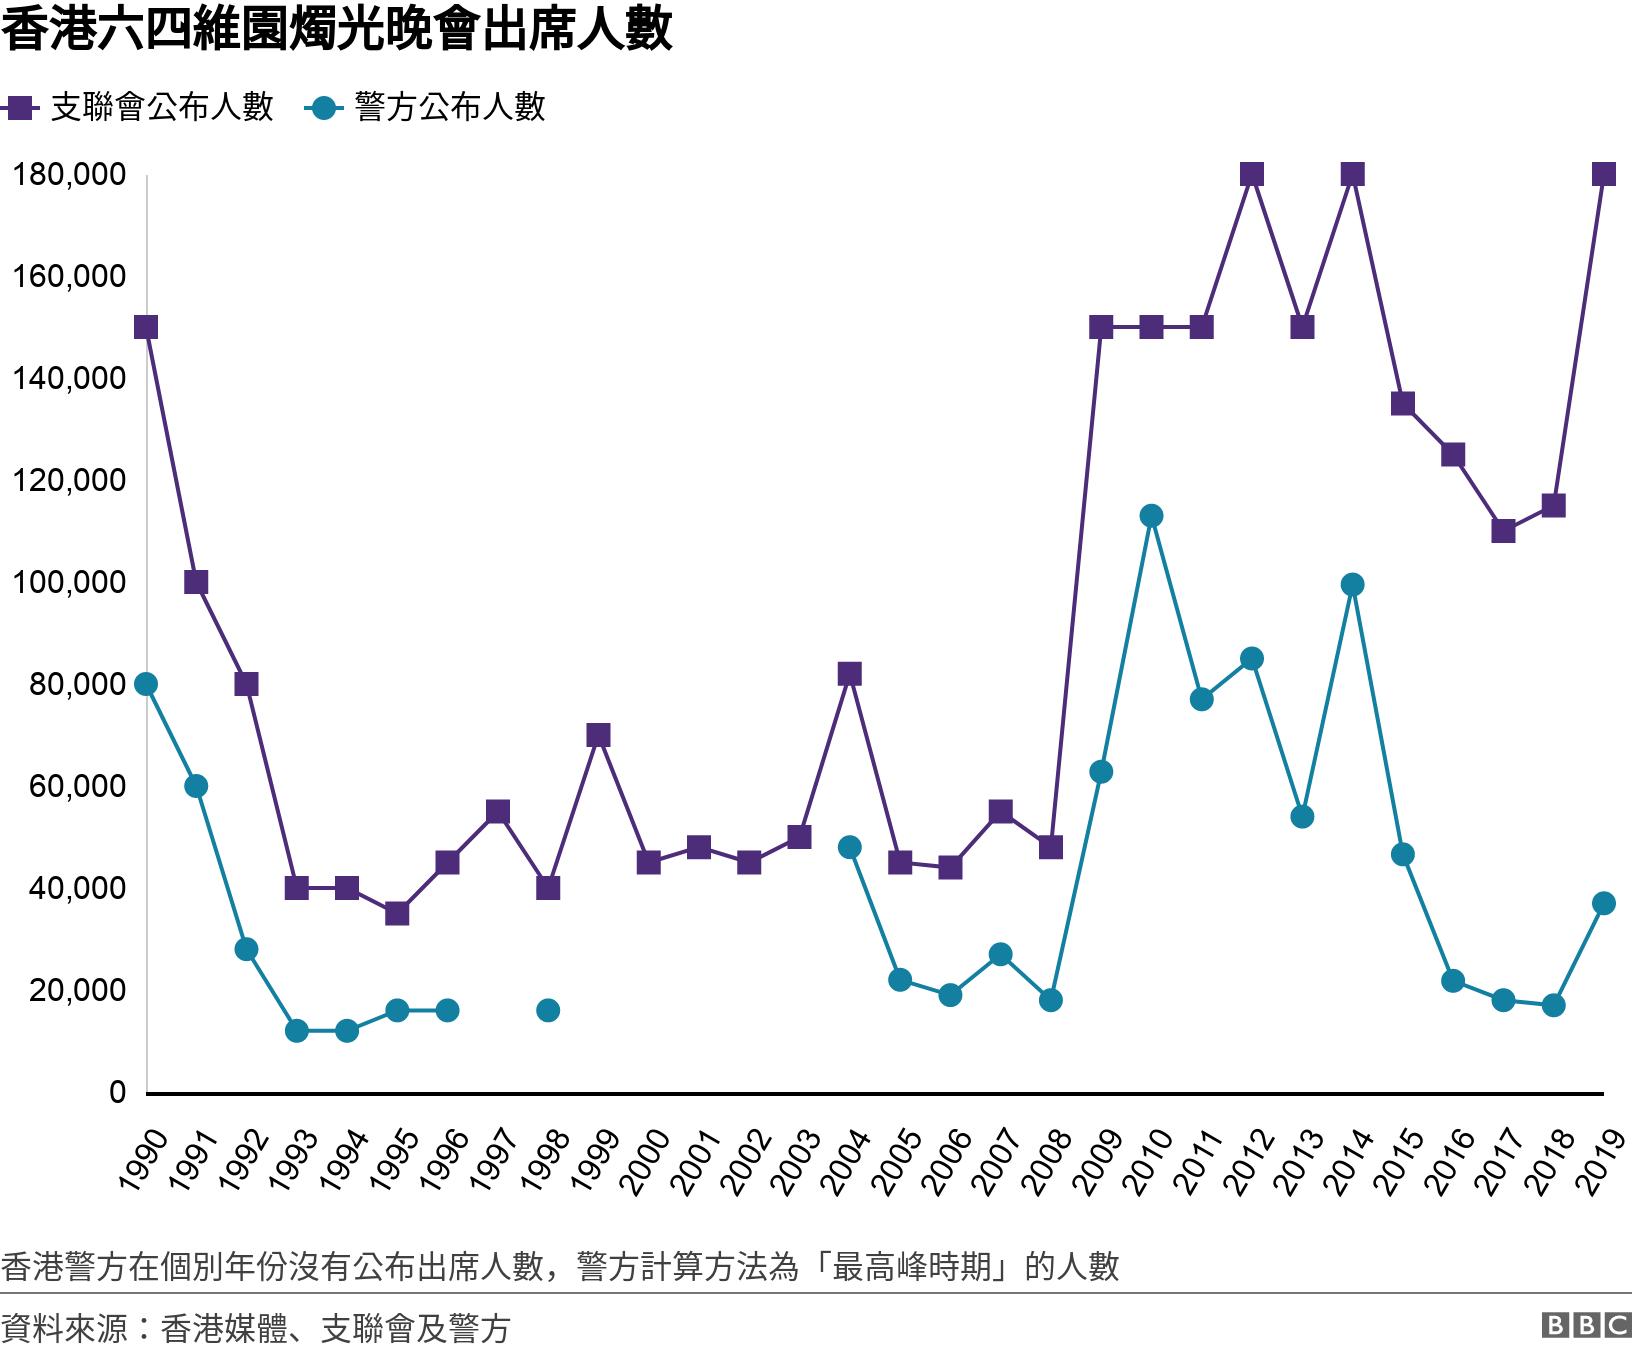 香港六四維園燭光晚會出席人數. .  香港警方在個別年份沒有公布出席人數,警方計算方法為「最高峰時期」的人數.